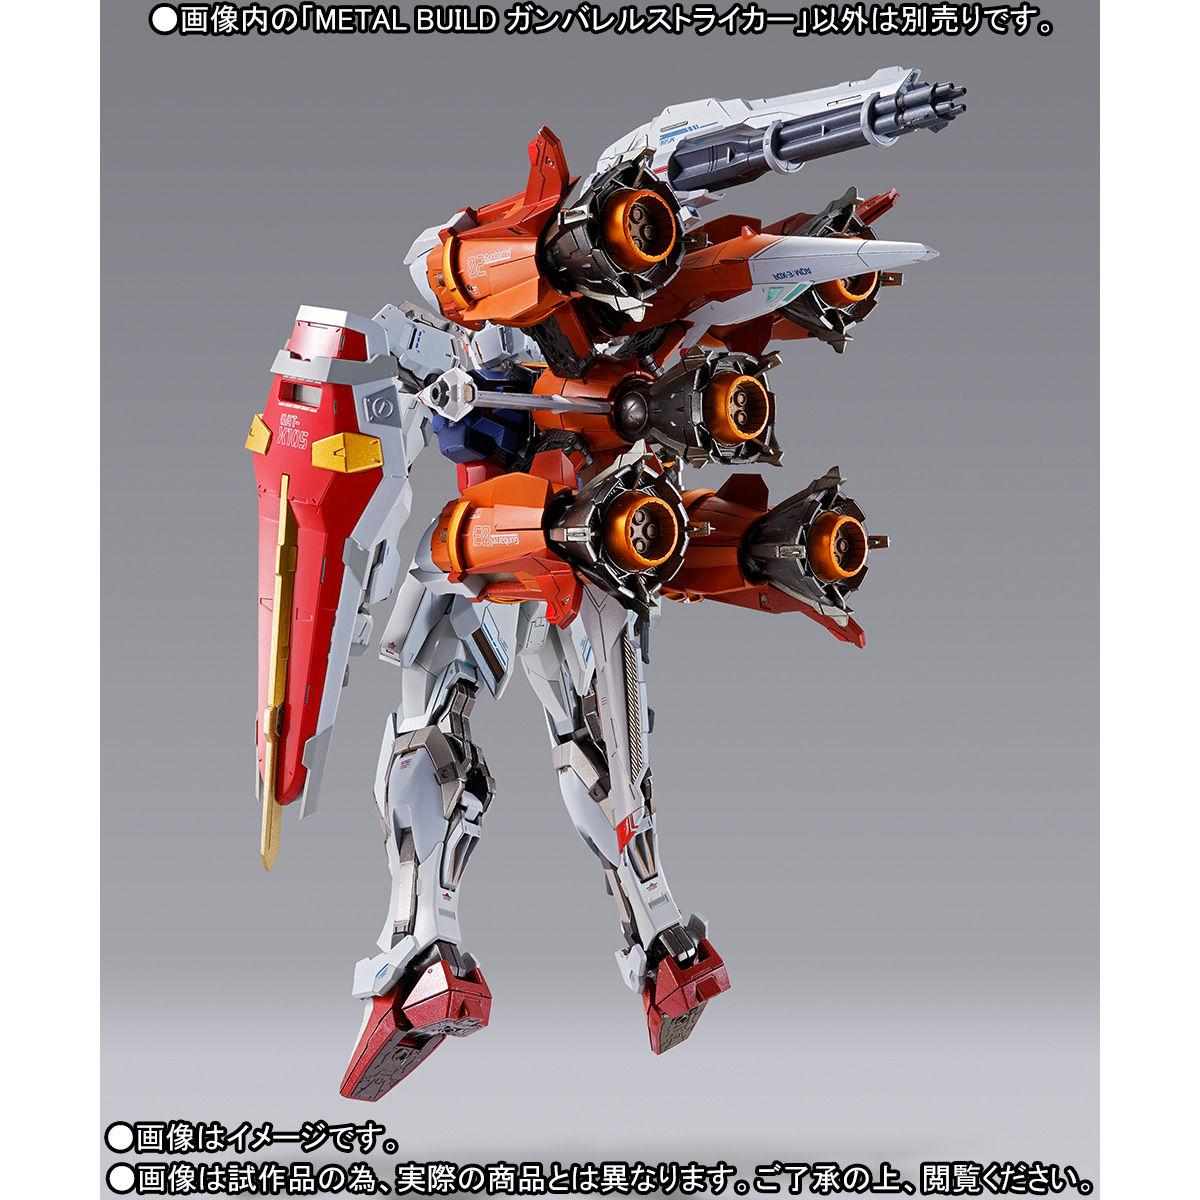 METAL BUILD『ガンバレルストライカー|機動戦士ガンダムSEED MSV』可動フィギュア-006